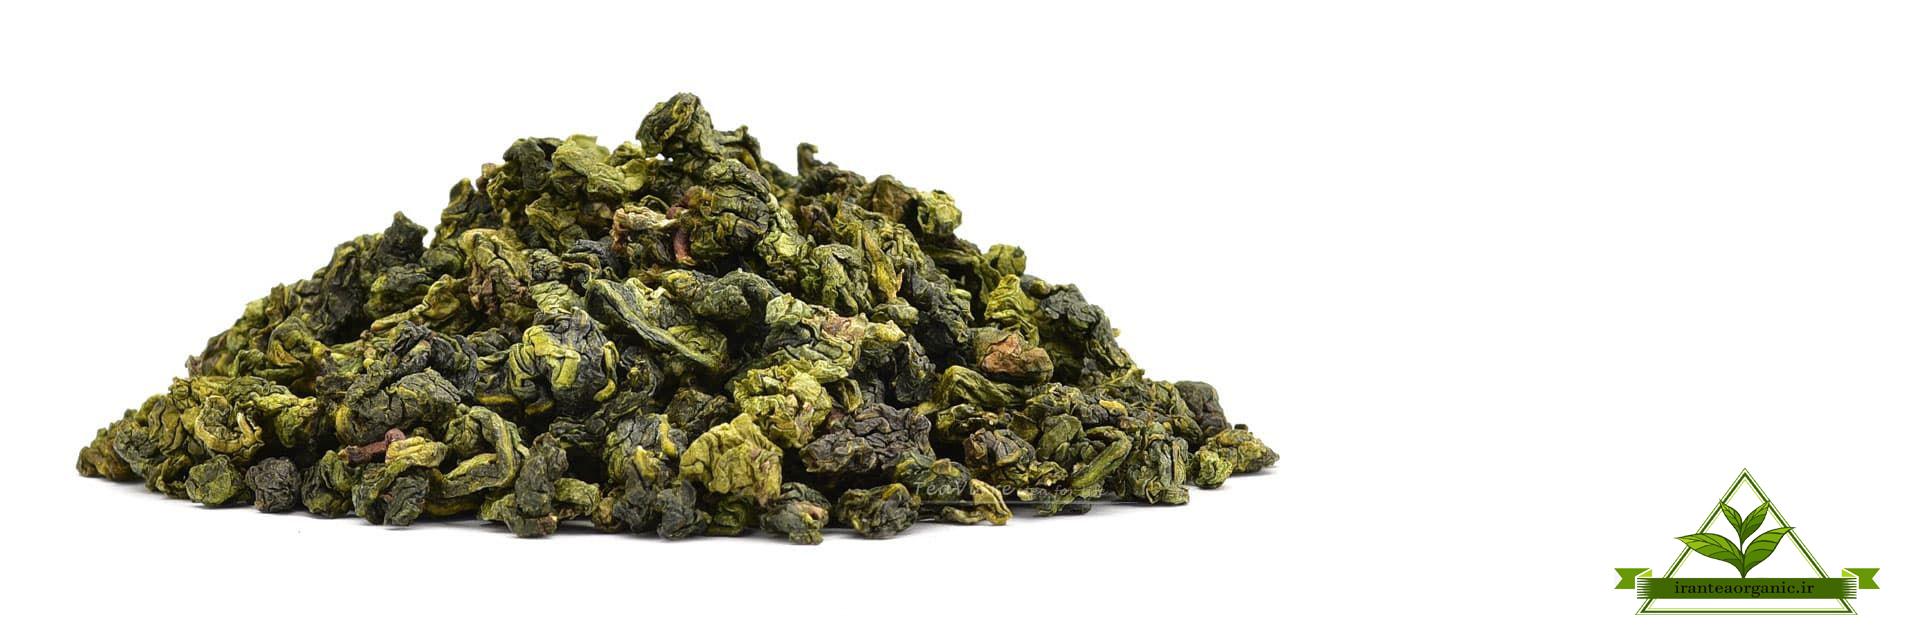 فروش چای سبز در ایران